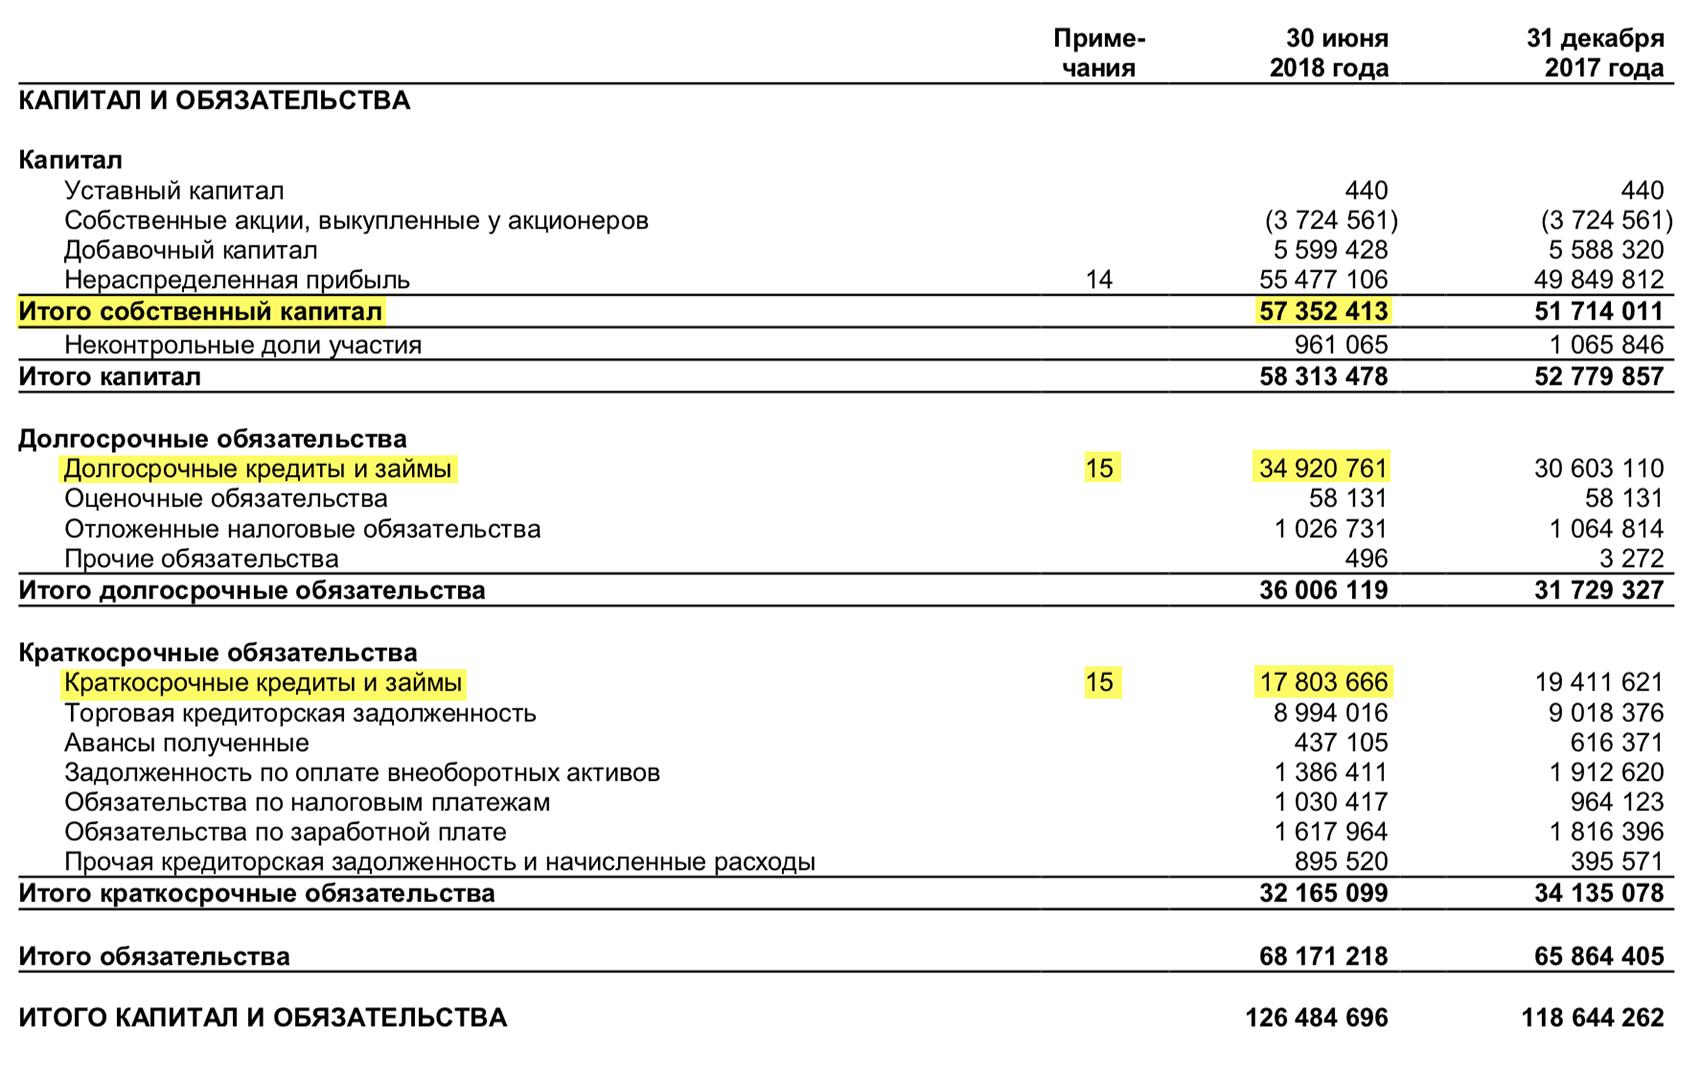 Отчет о финансовом положении «Черкизово» за 1 полугодие 2018 года, стр. 5